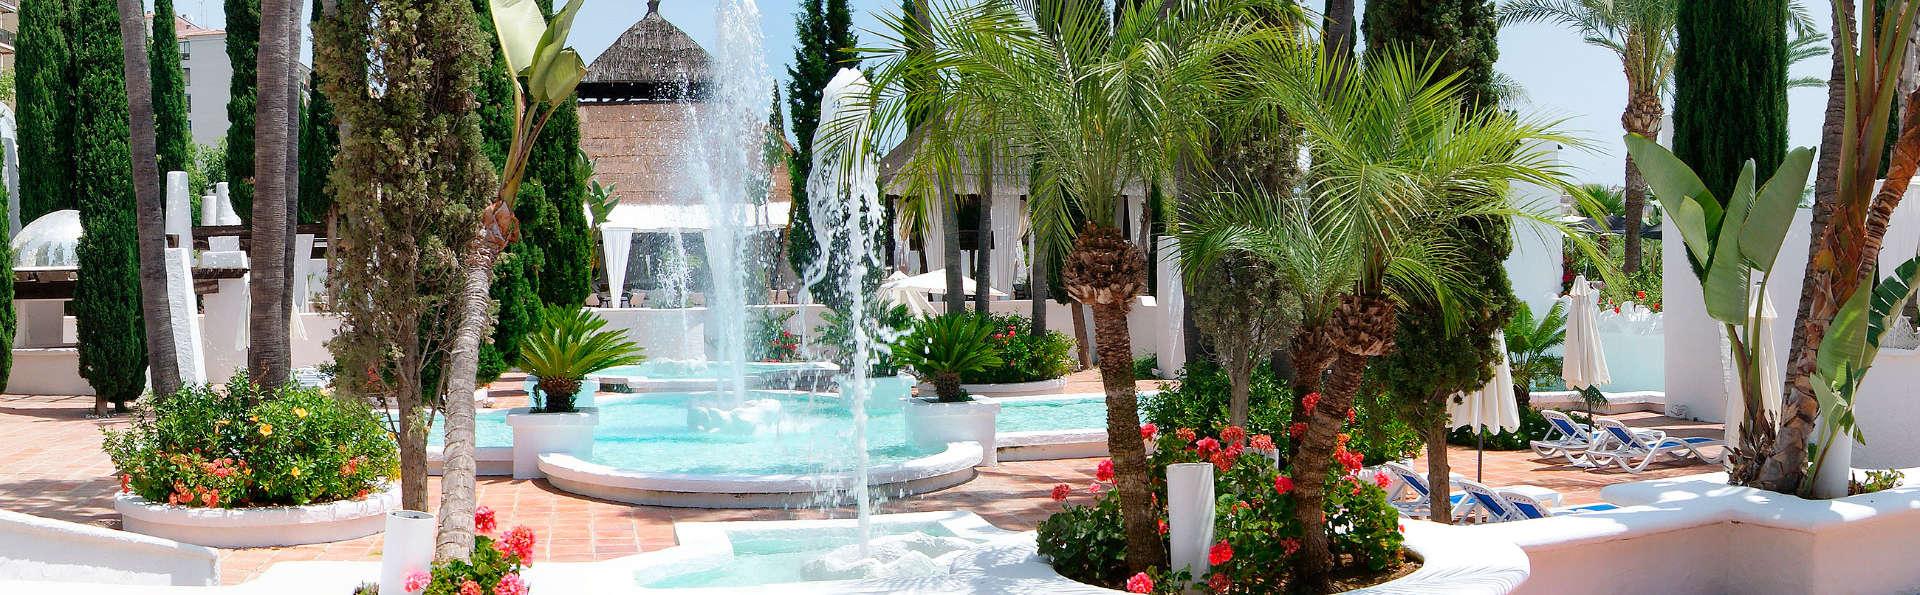 Lujo en suite superior con cena y zona relax privada en Almuñecar